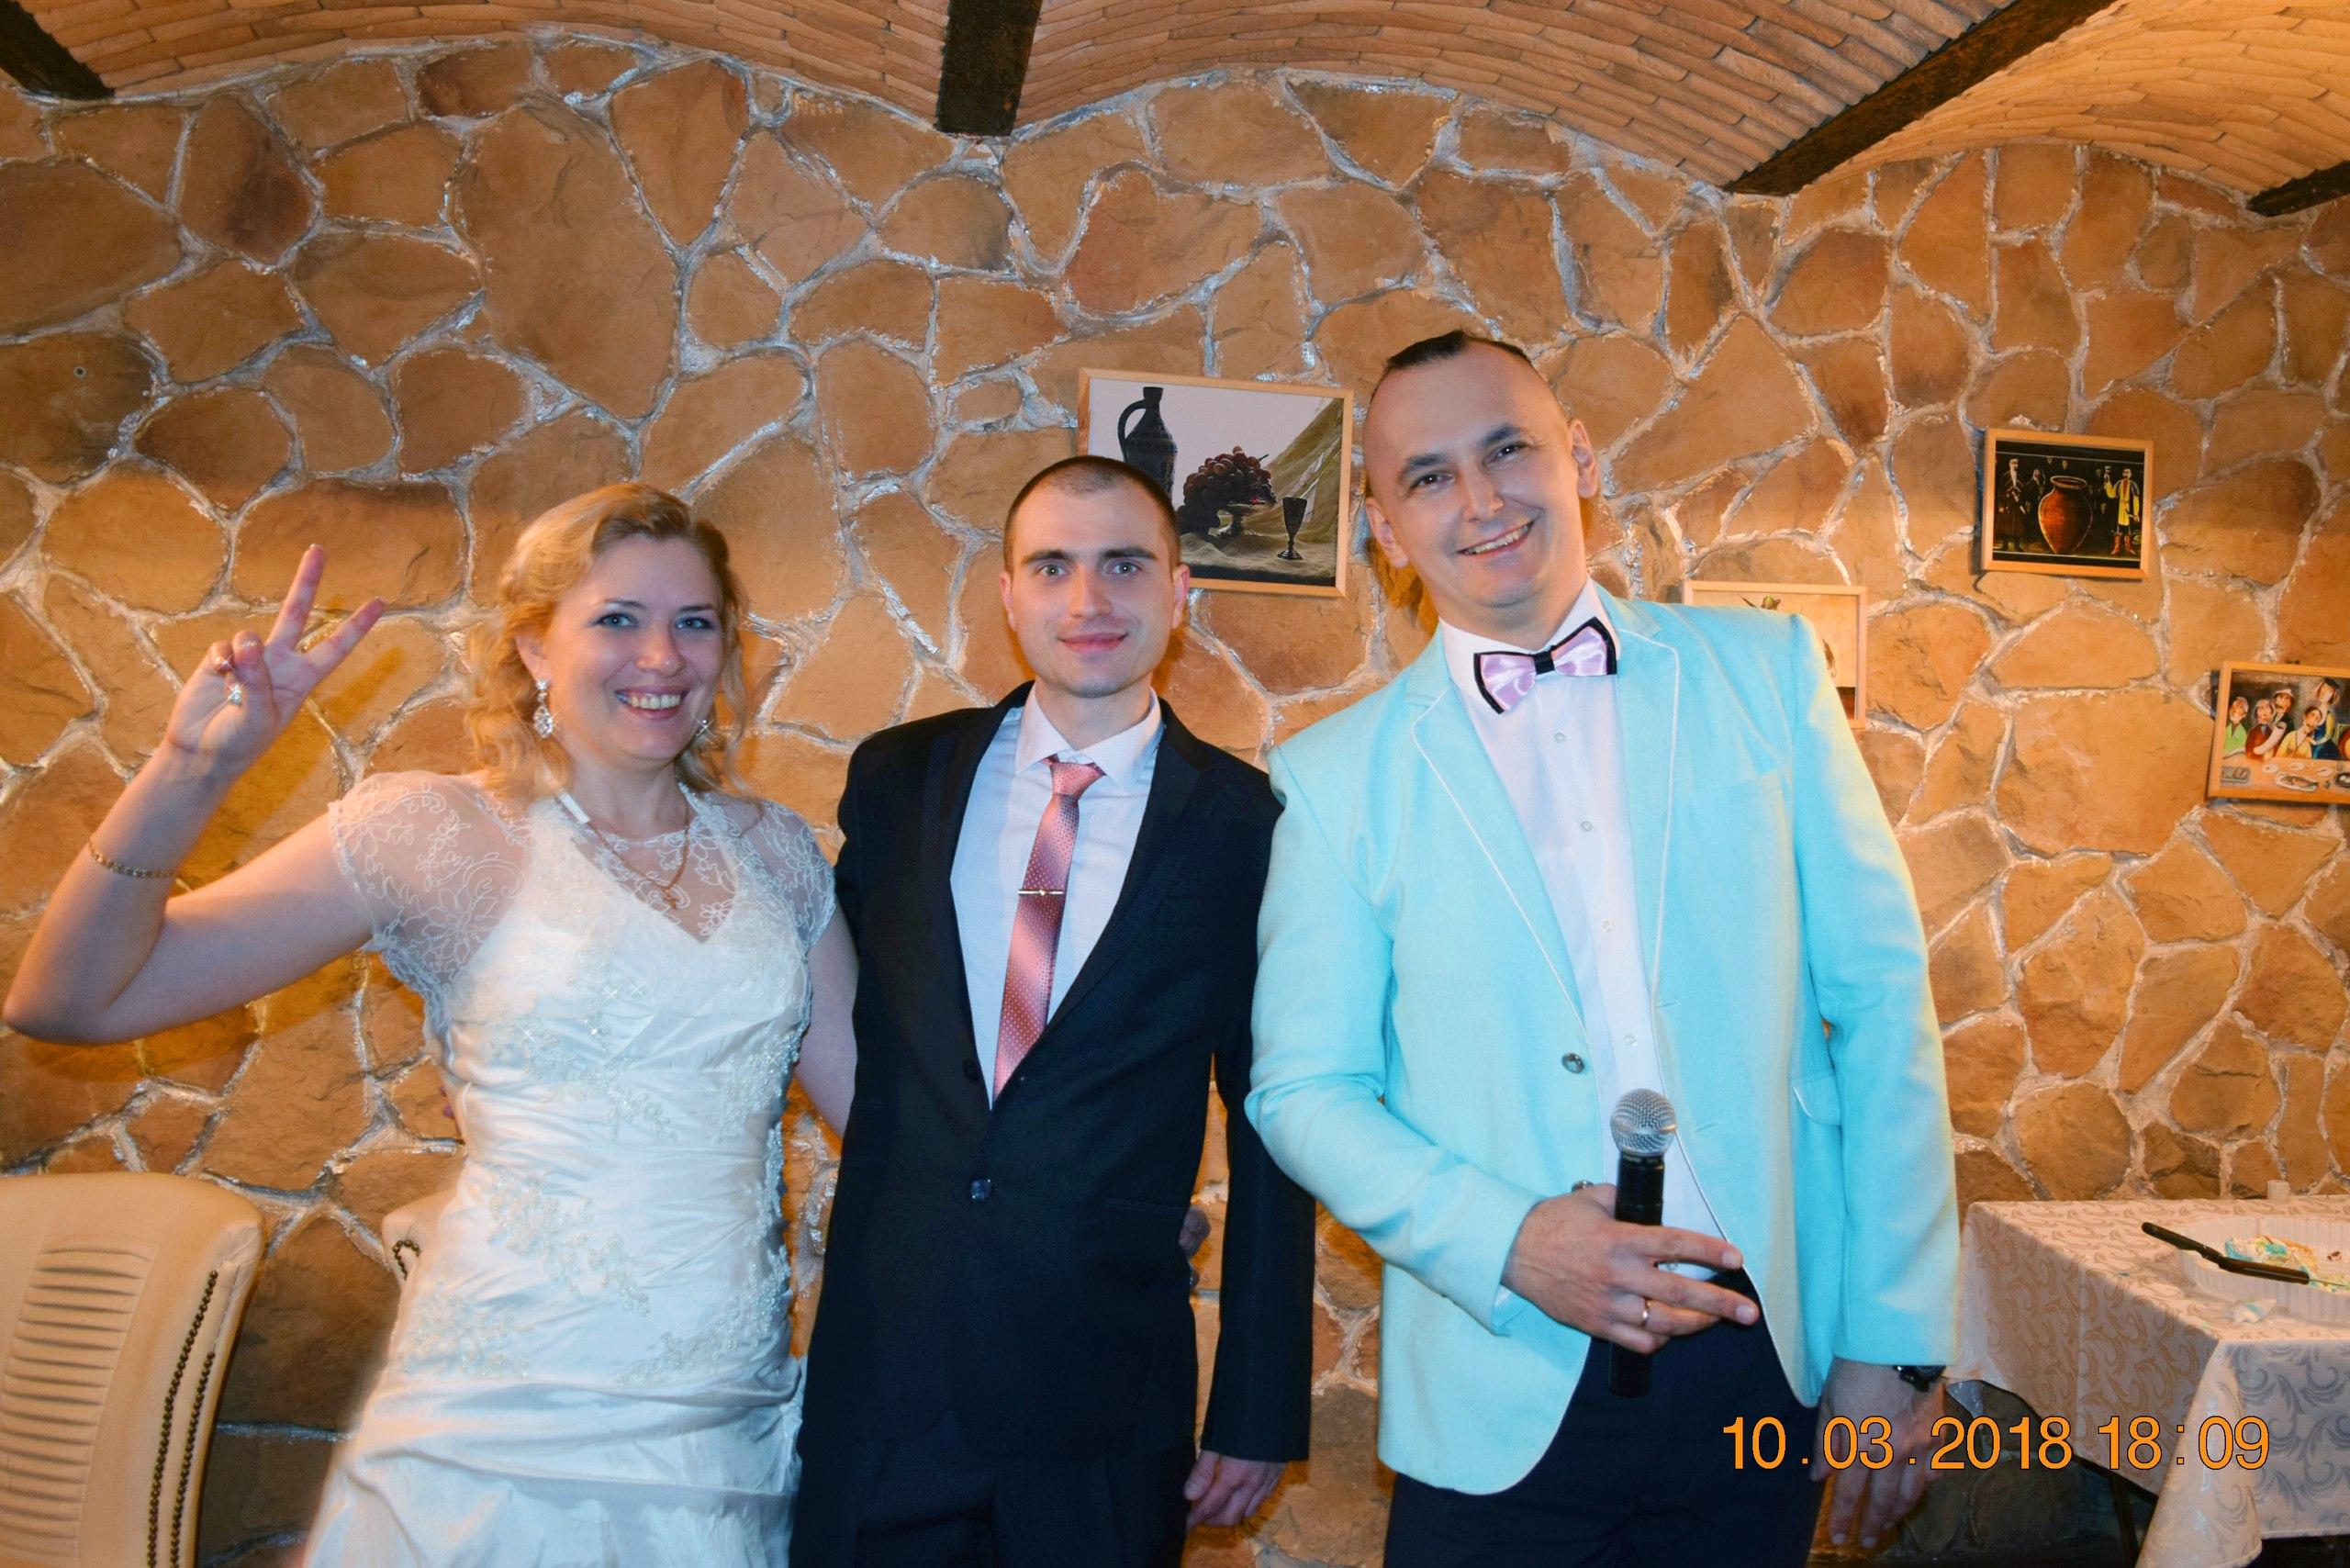 Q4ONwLvR  0 - Свадьба Дмитрия и Екатерины